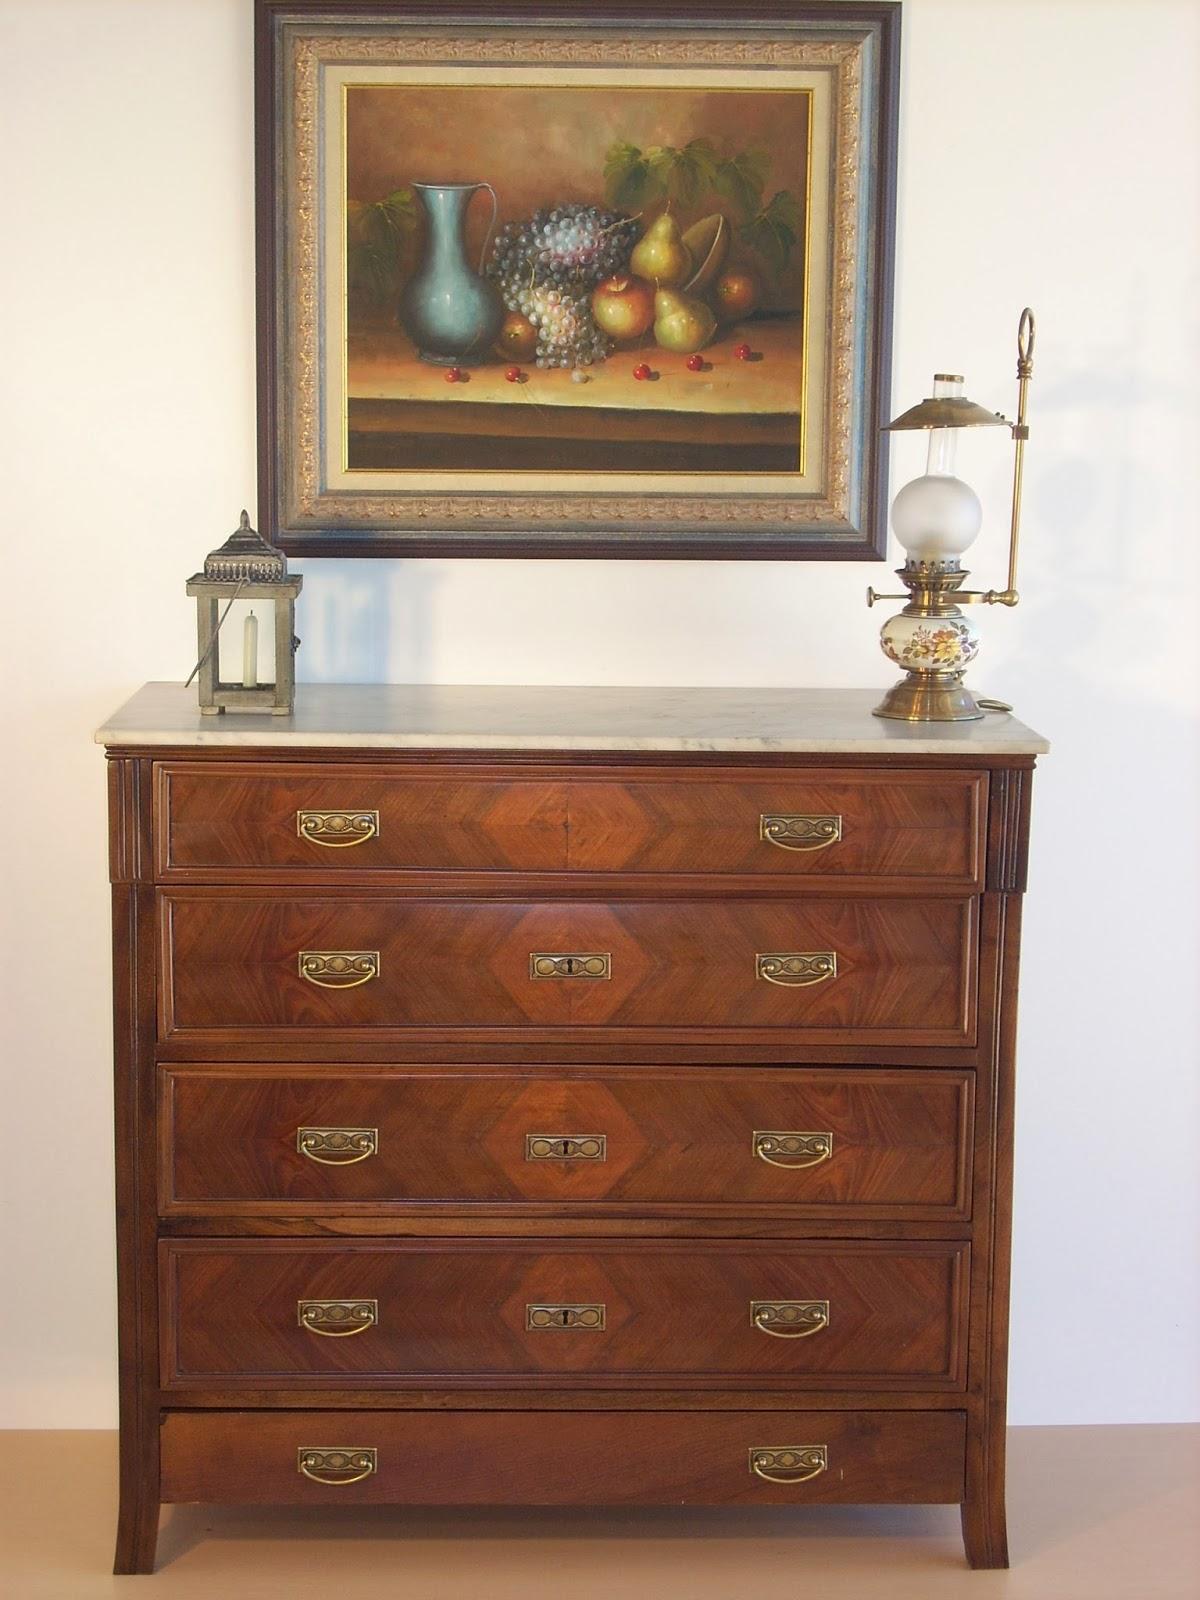 Venta de muebles antiguos restaurados naturmoble c moda - Muebles comodas clasicas ...